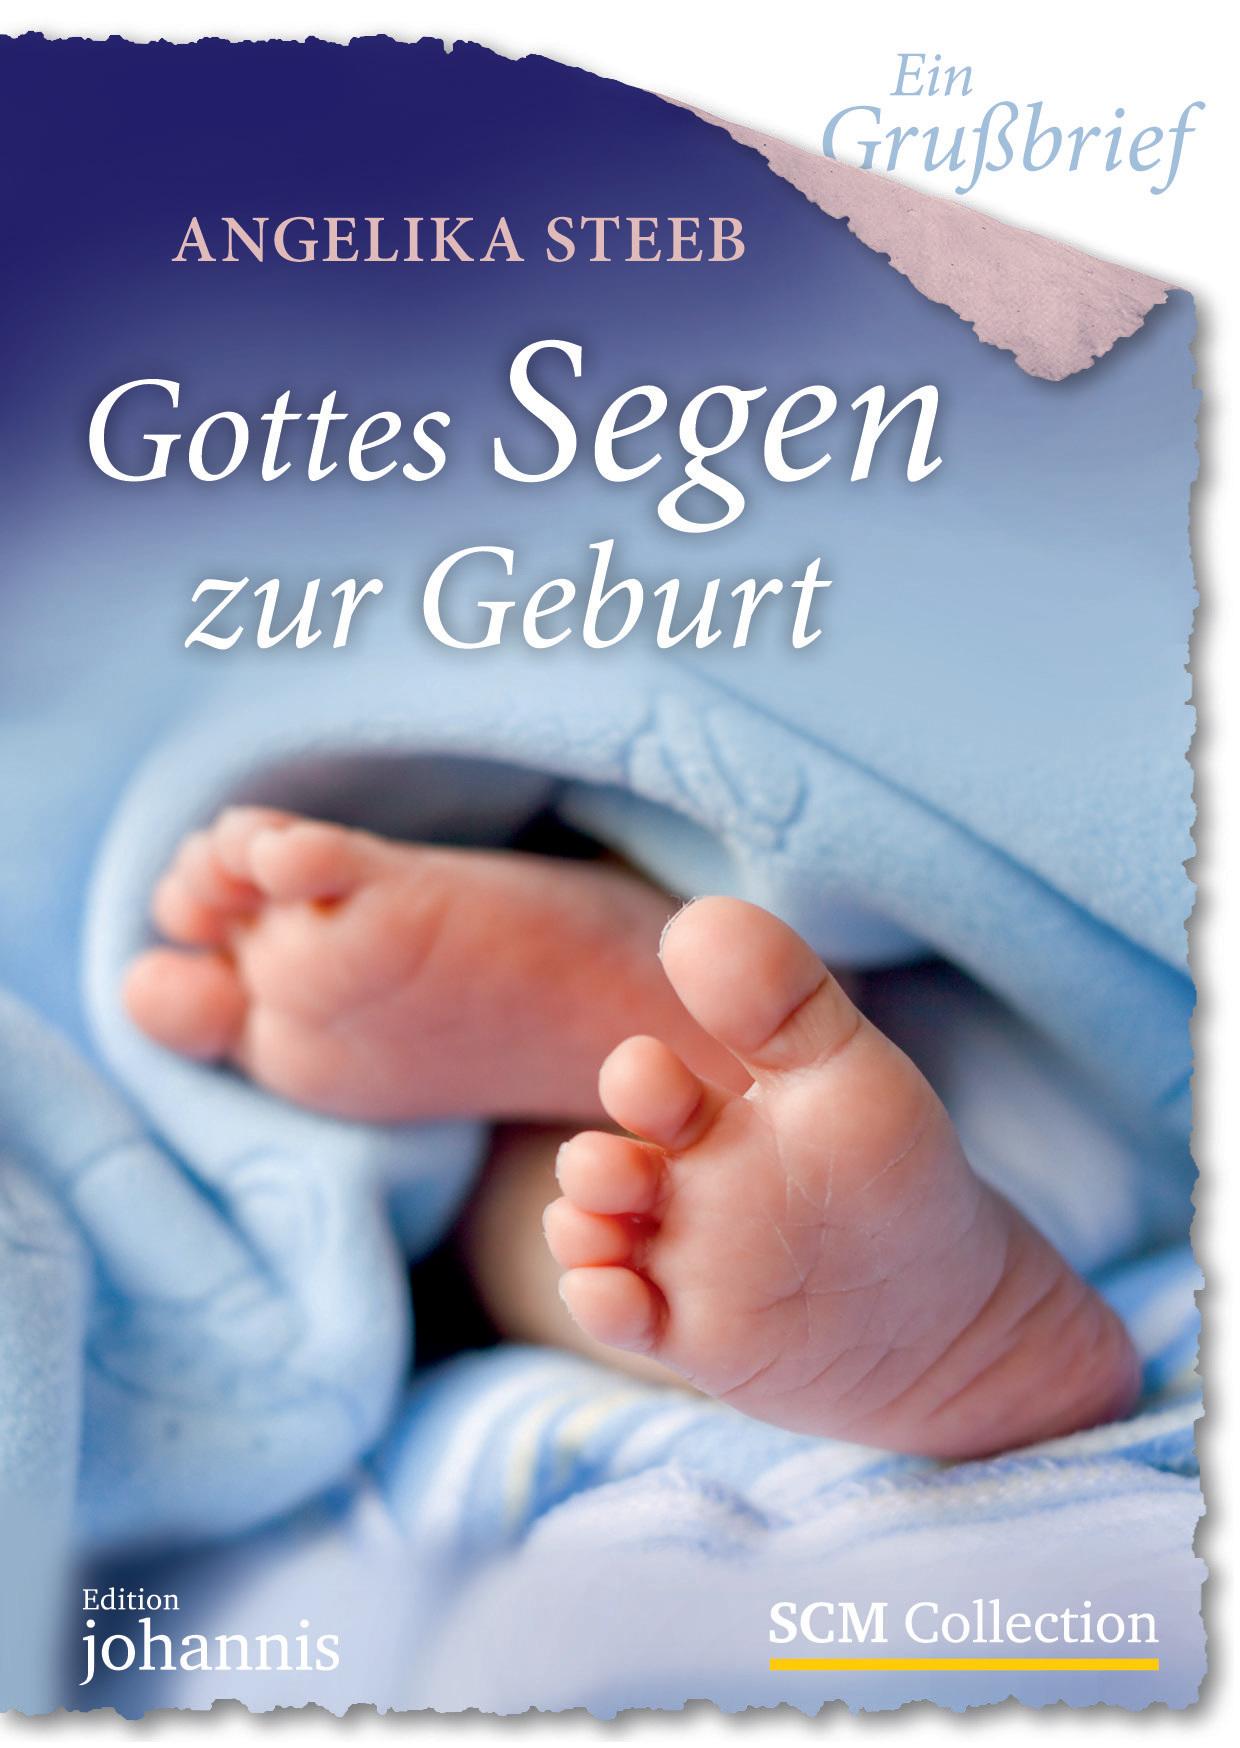 Briefumschlag Beschriften Zur Geburt : Ein grußbrief gottes segen zur geburt stück buch